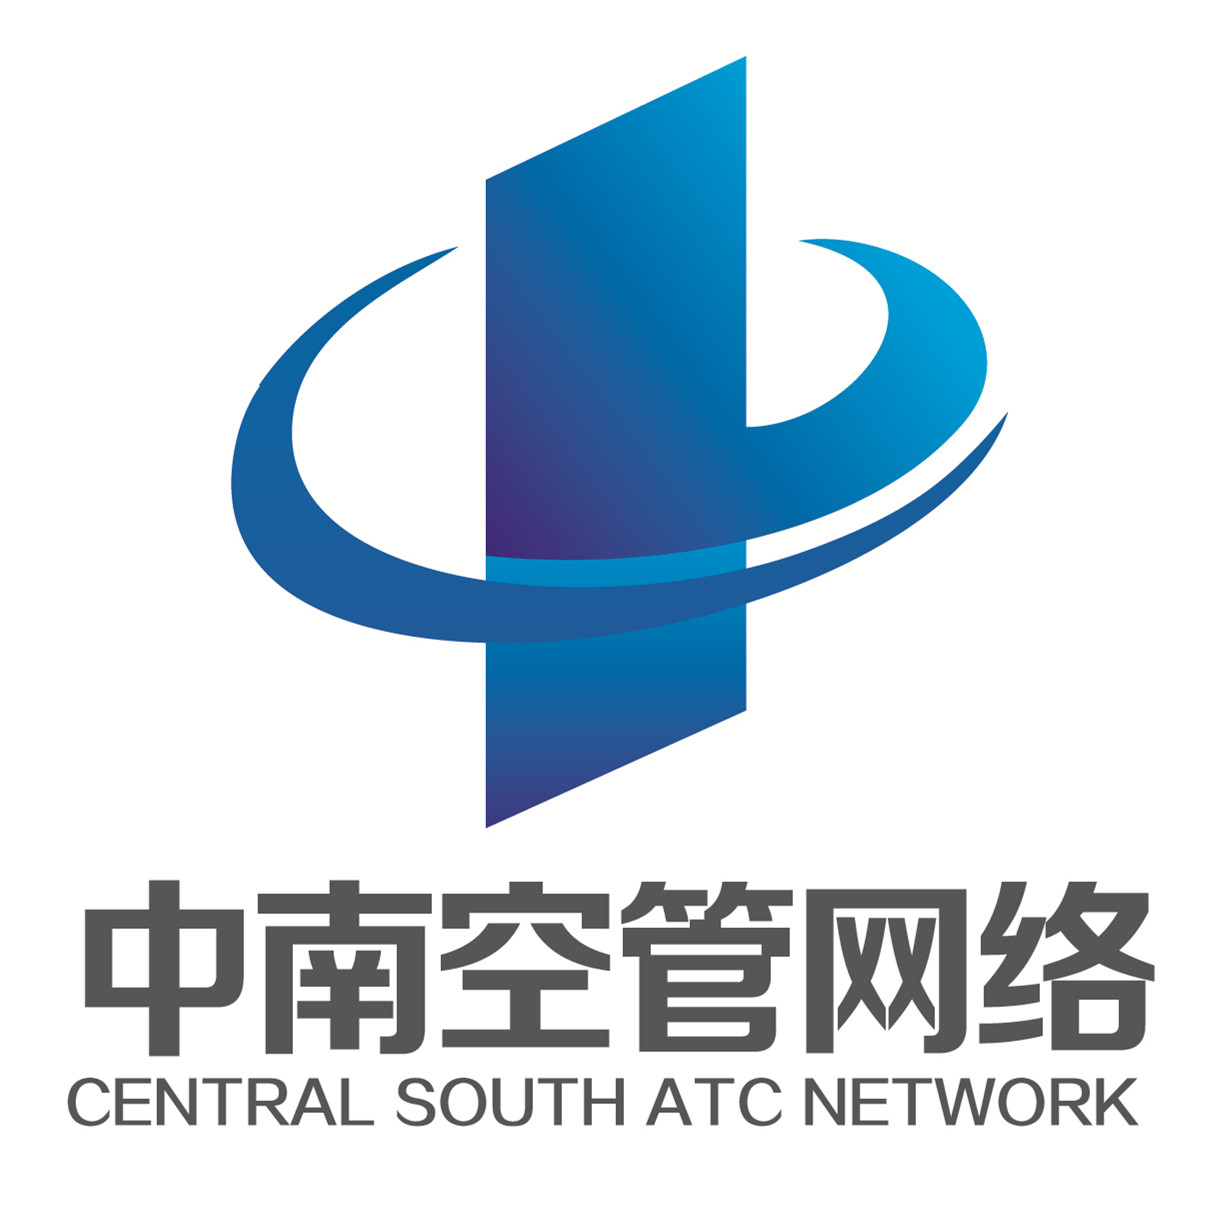 广州市中南民航空管通信网络科技有限公司